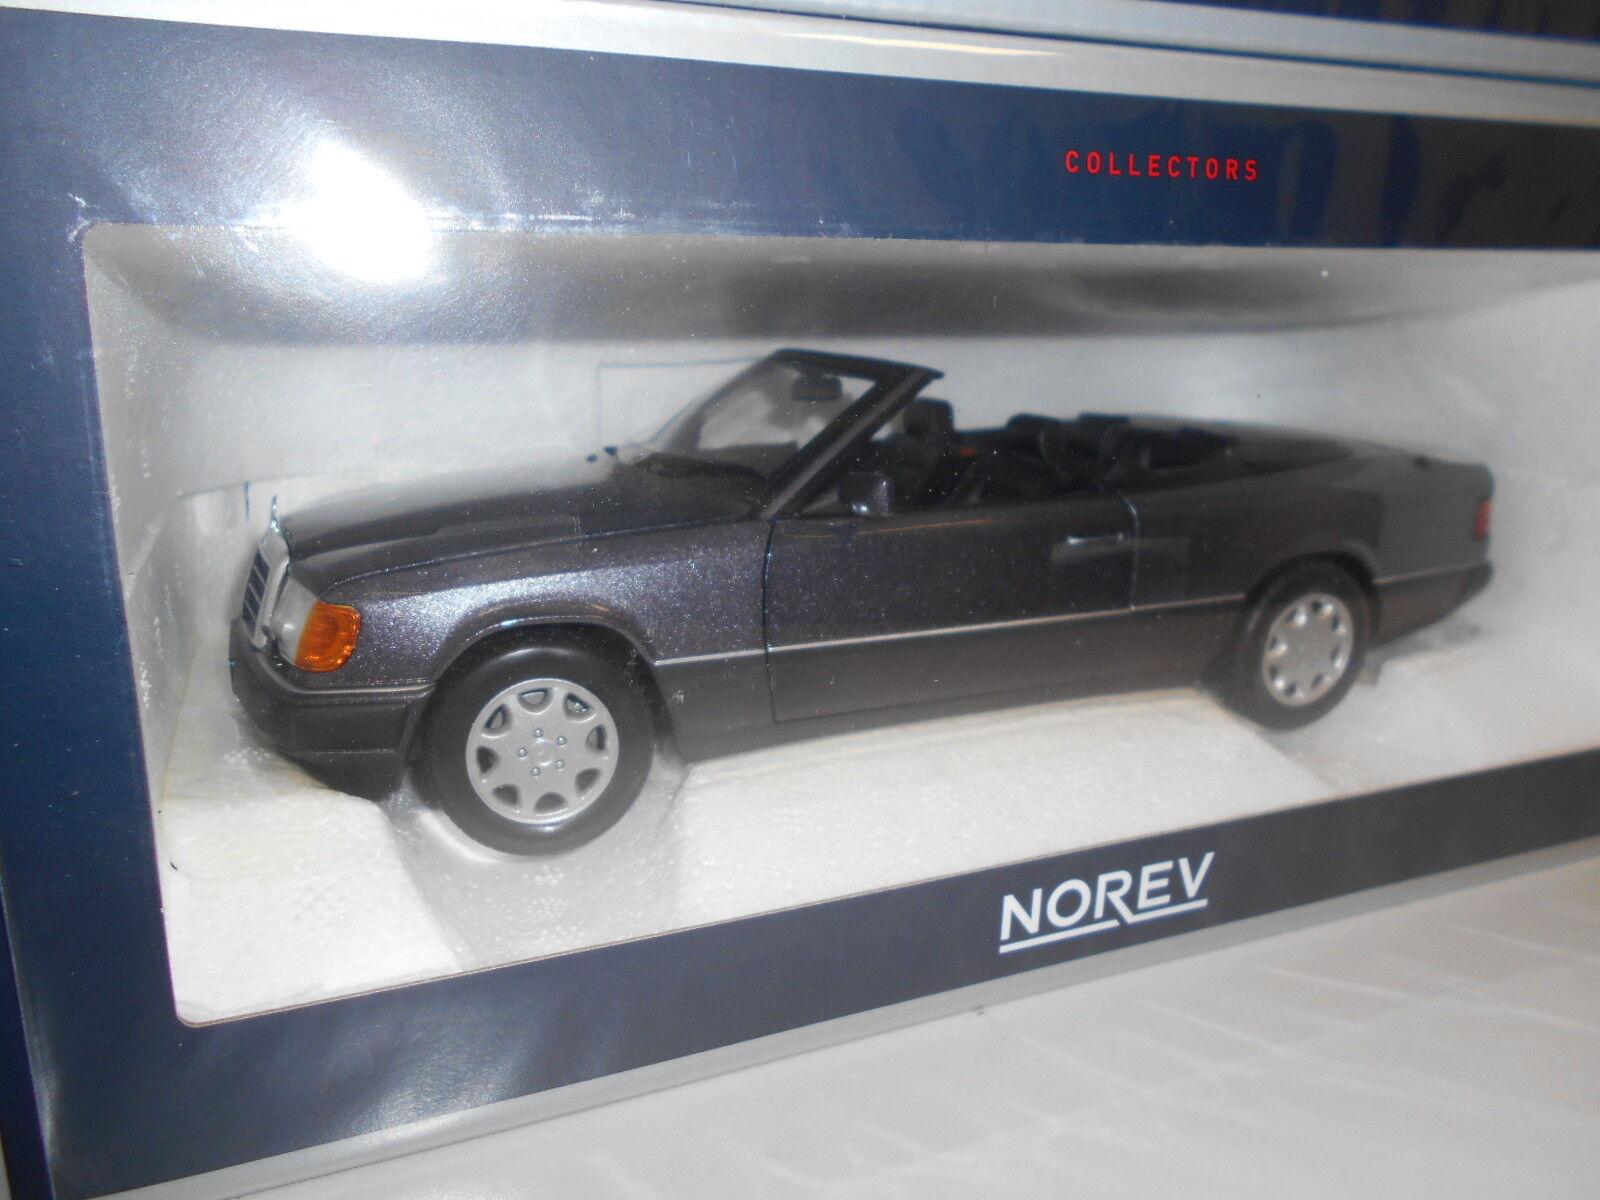 NV183567 by NOREV MERCEDES BENZ 300CE-24 CABRIOLET 1990 1 18